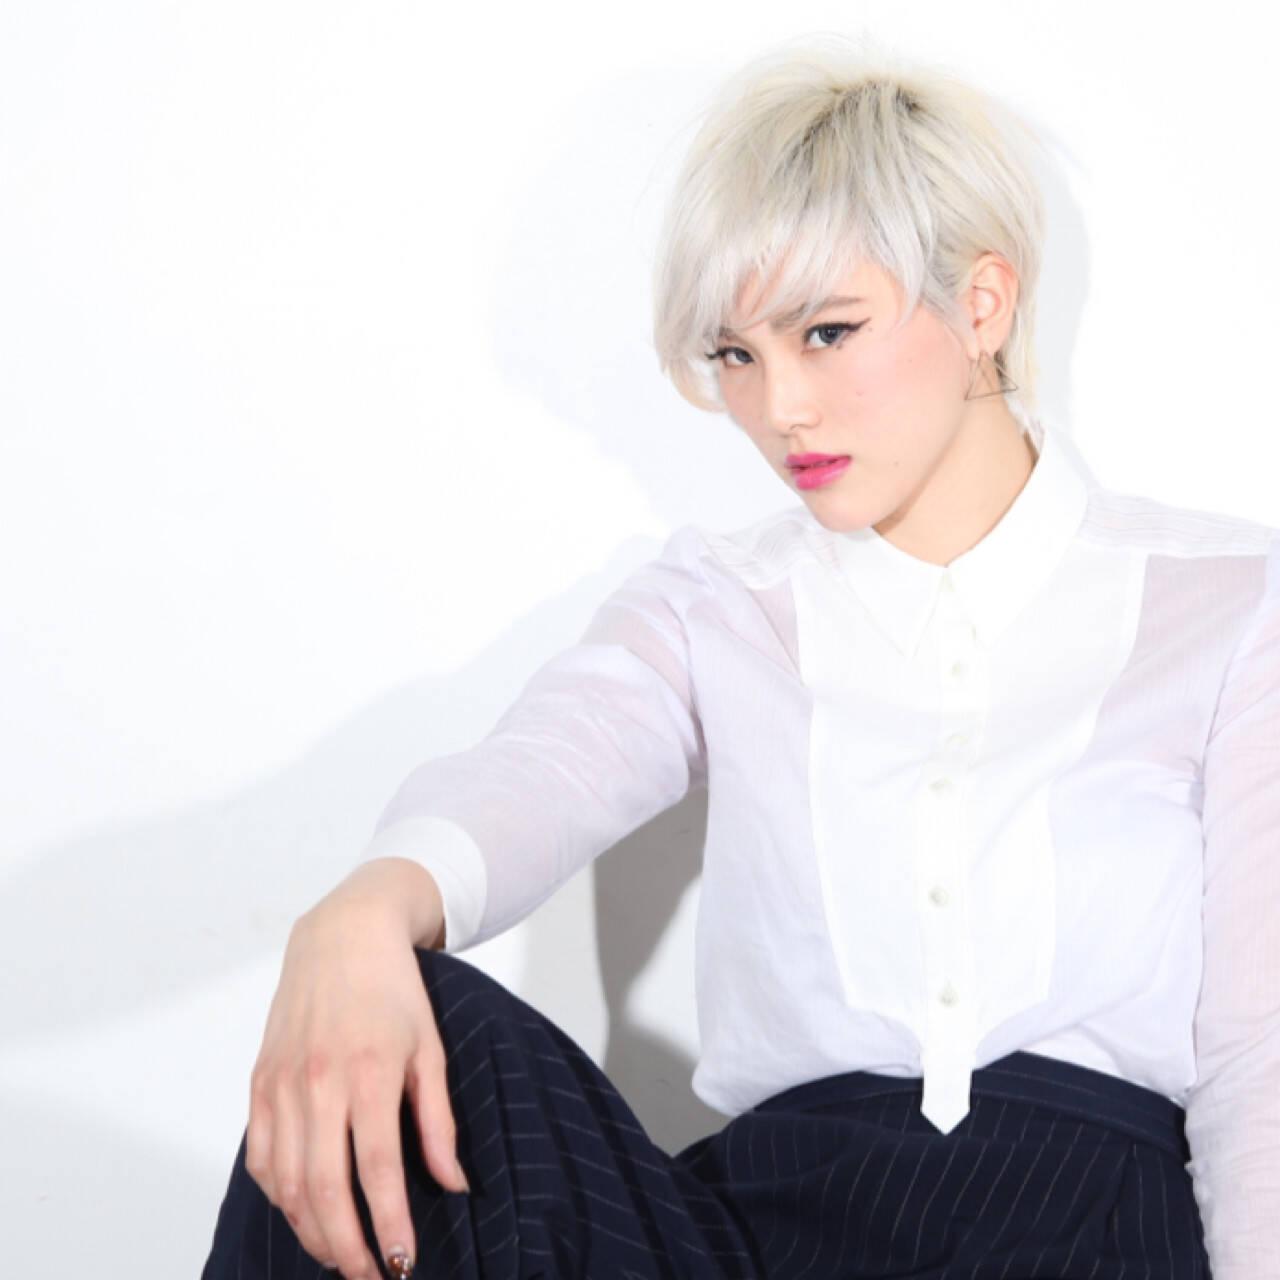 ジェンダーレス モード ホワイト ブリーチヘアスタイルや髪型の写真・画像